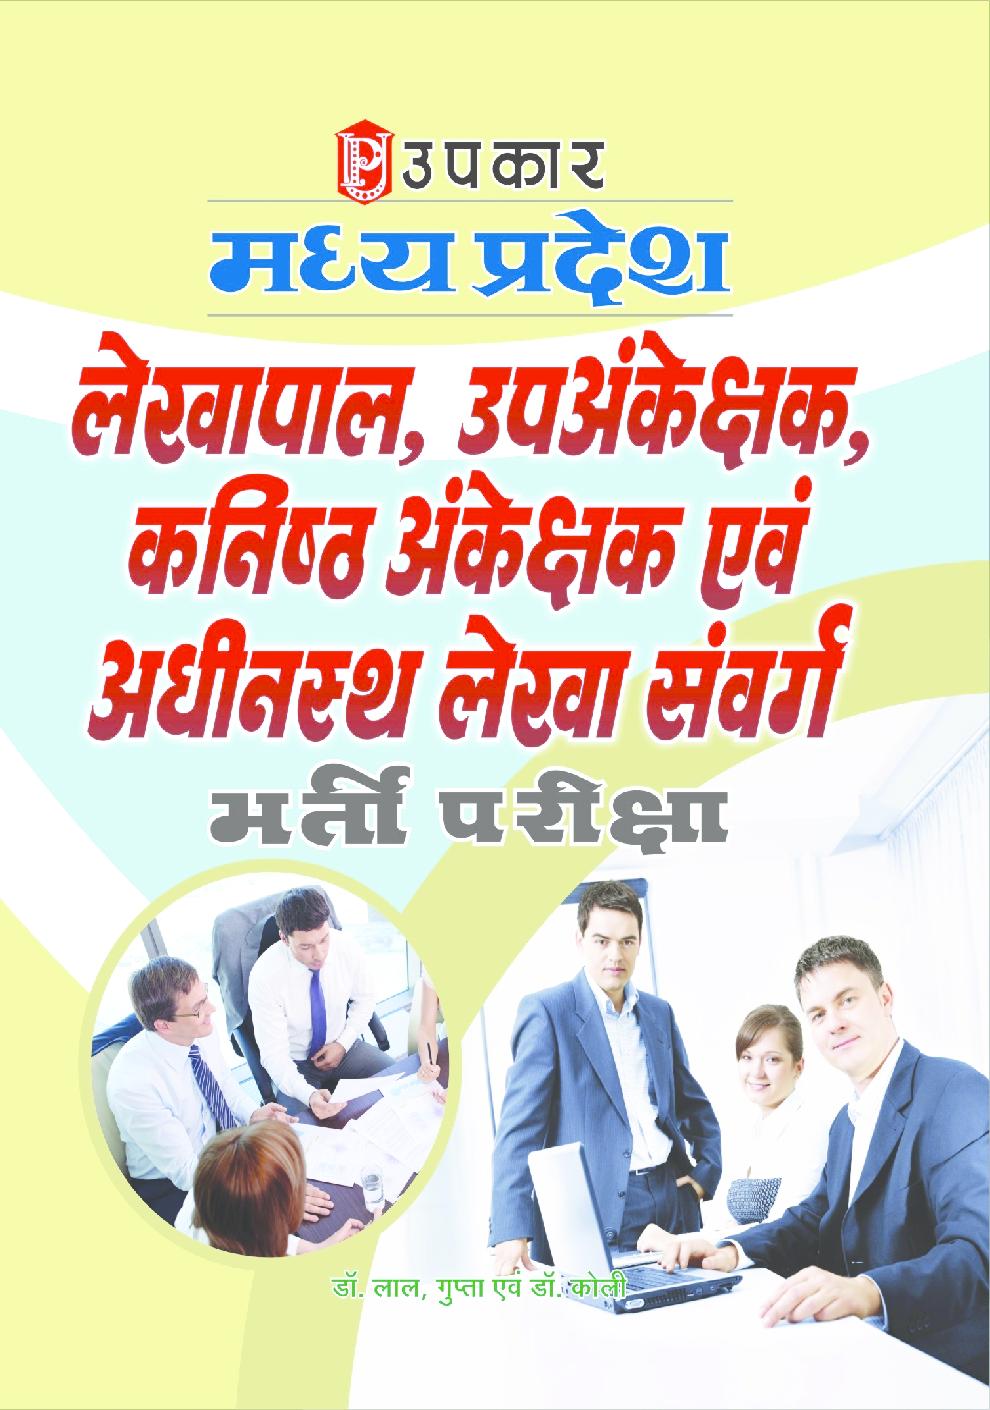 मध्य प्रदेश लेखपाल, उपअंकेक्षक, कनिष्ठ अंकेक्षक एवं  अधीनस्थ लेखा संवर्ग भर्ती परीक्षा  - Page 1